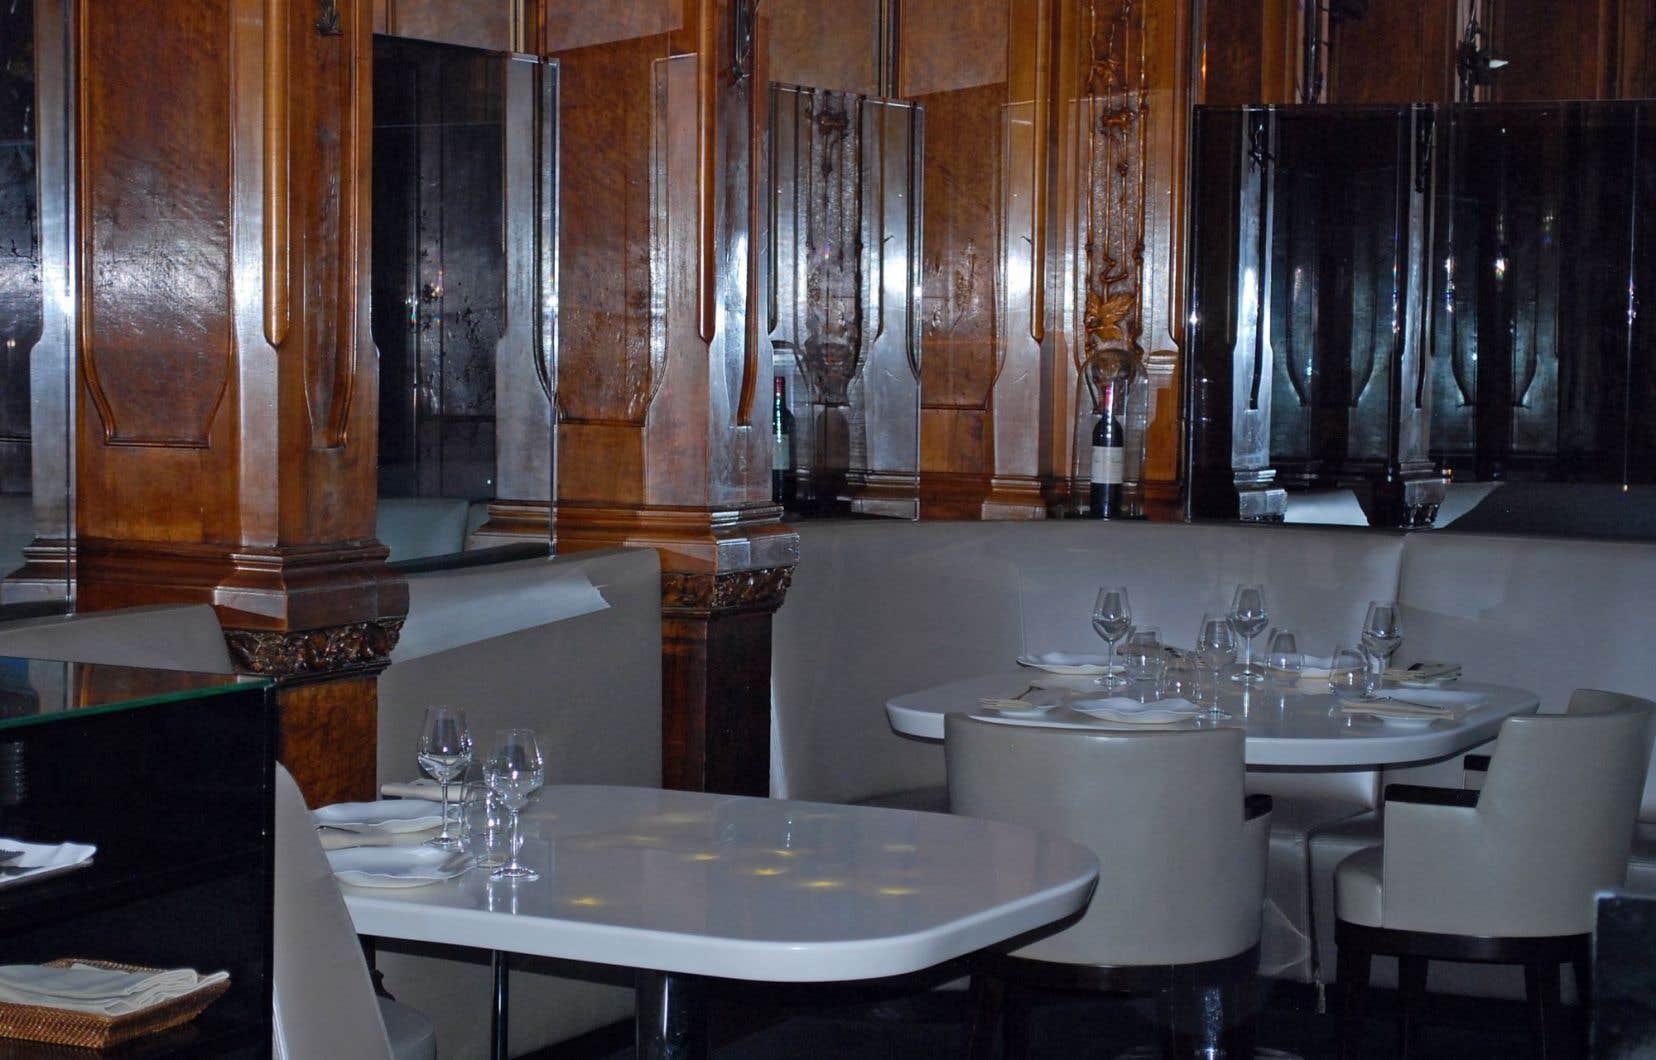 Des boiseries Majorelle et de magnifiques tables rétro éclairées donnent une prestance au célèbre établissement Lucas Carton, situé place de la Madeleine à Paris.